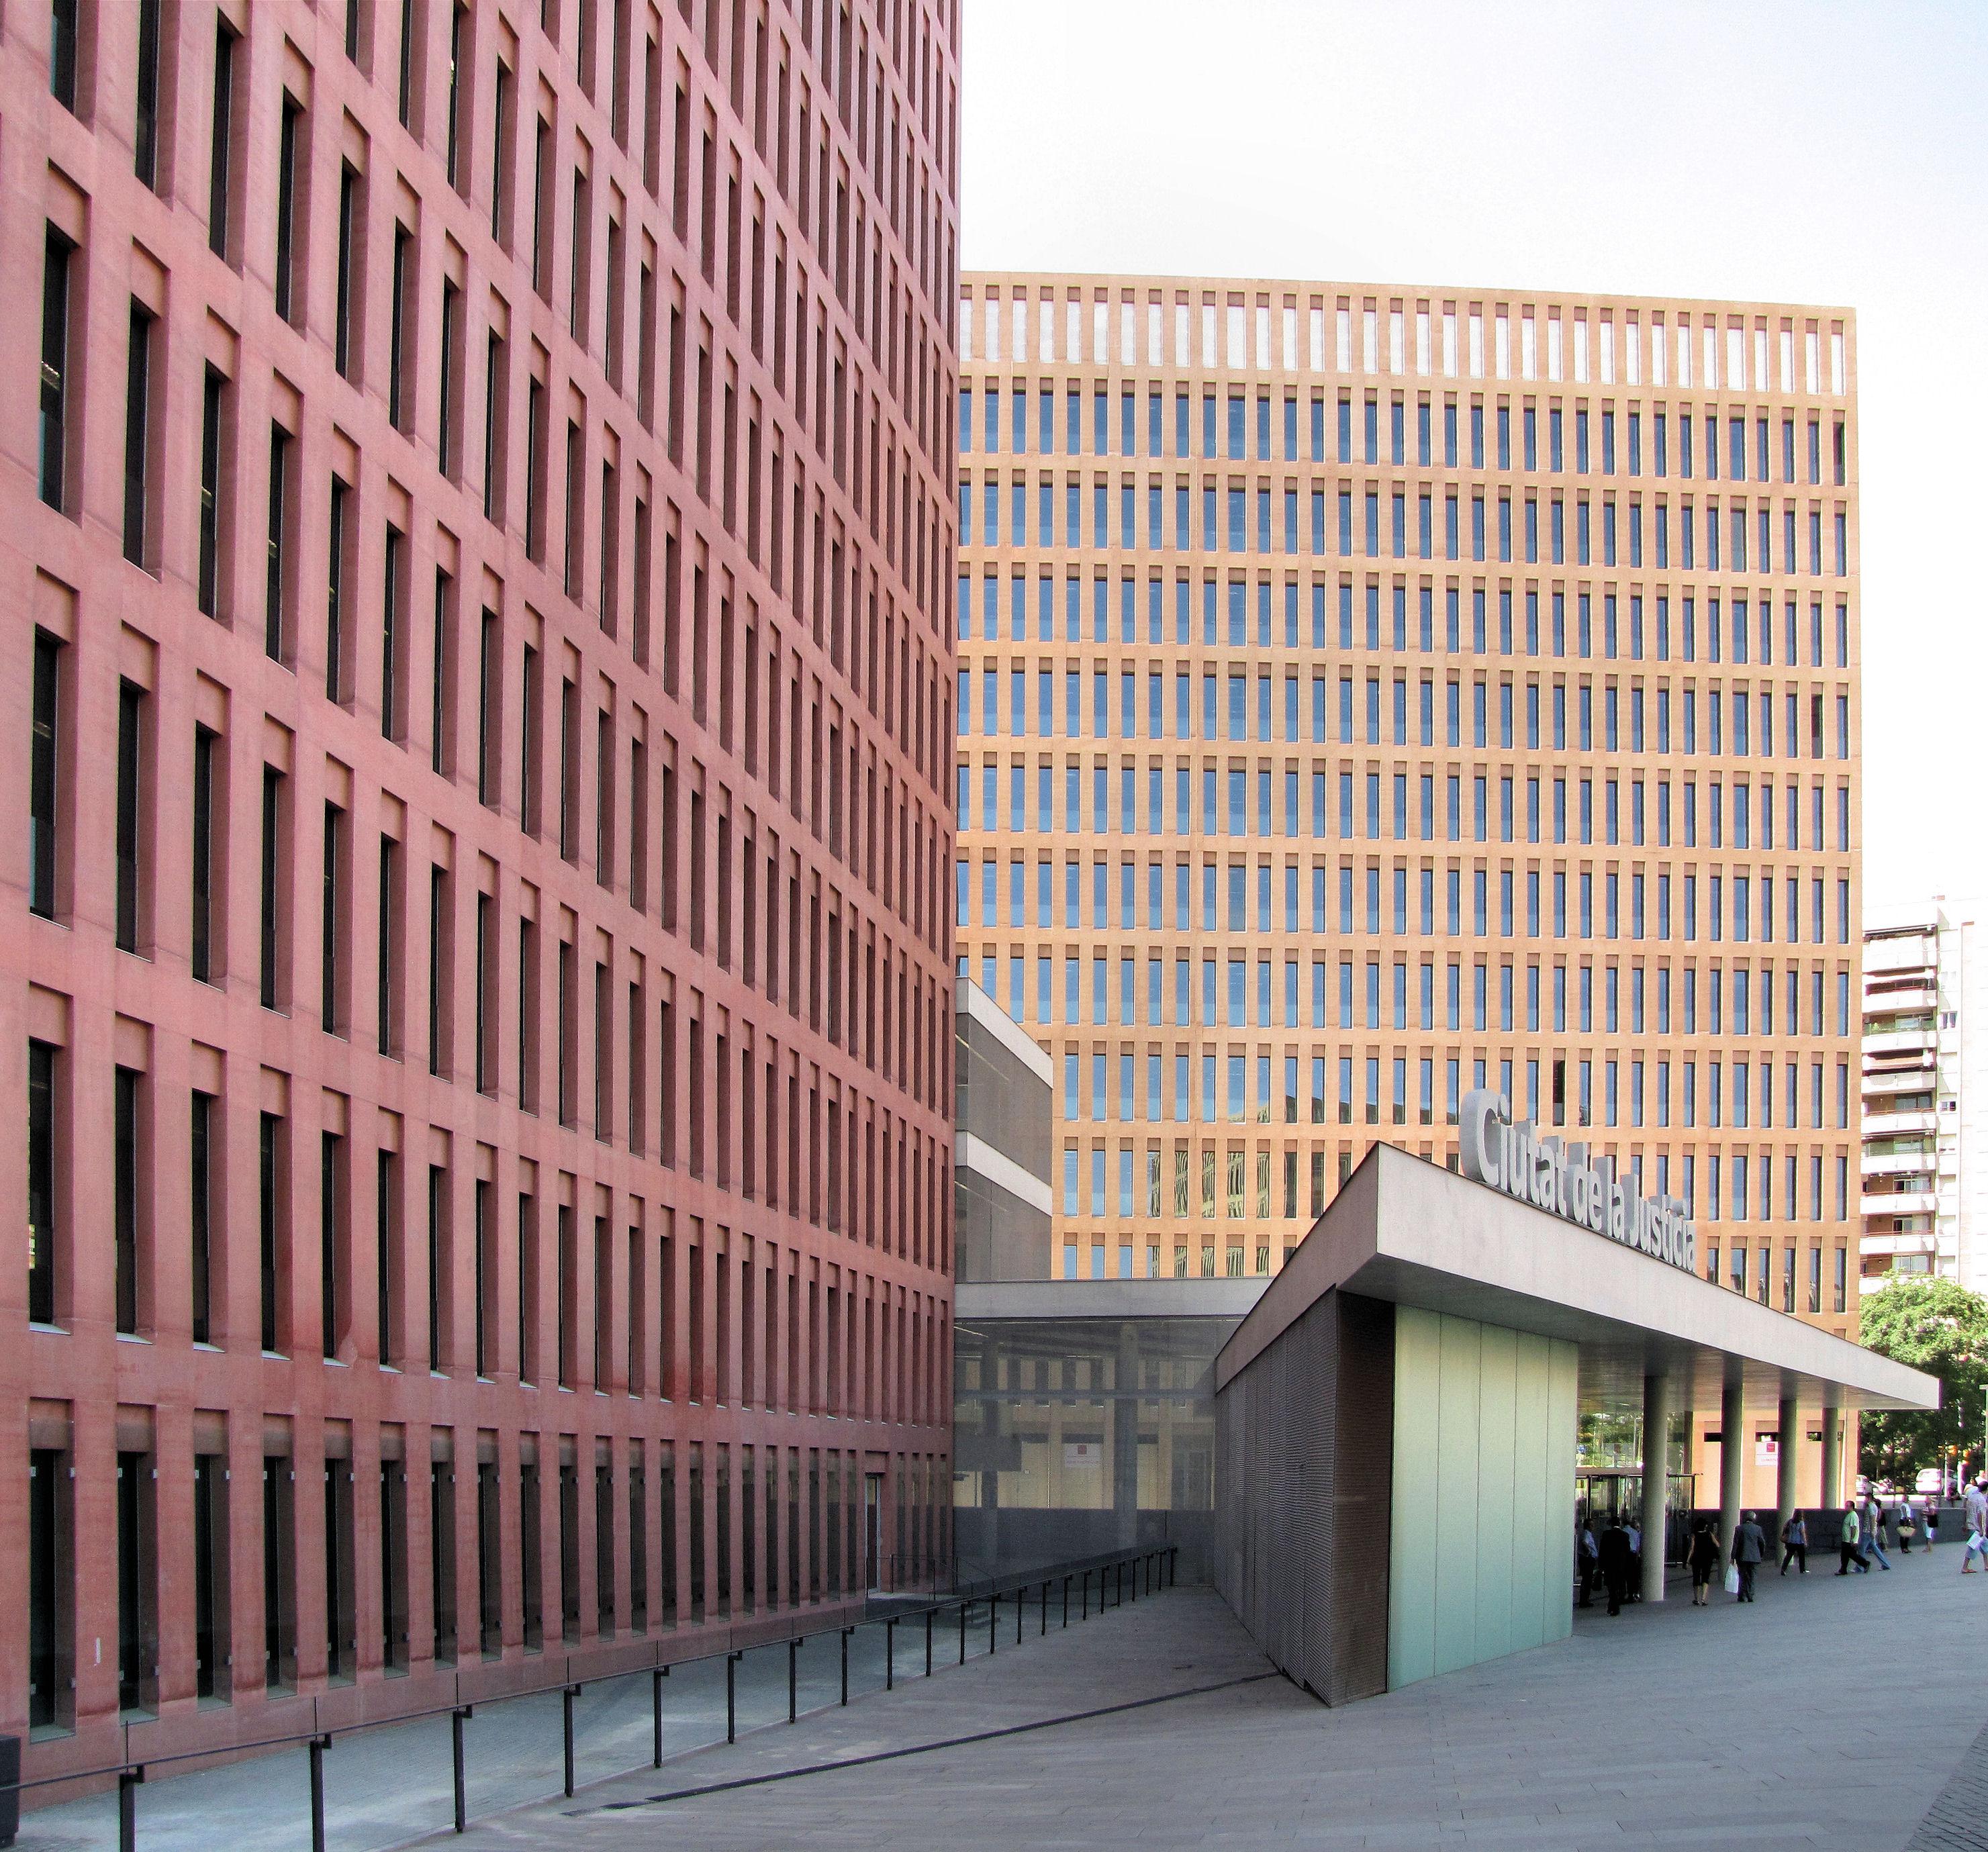 Город юстиций, Барселона, 2002-2011. Фото 2